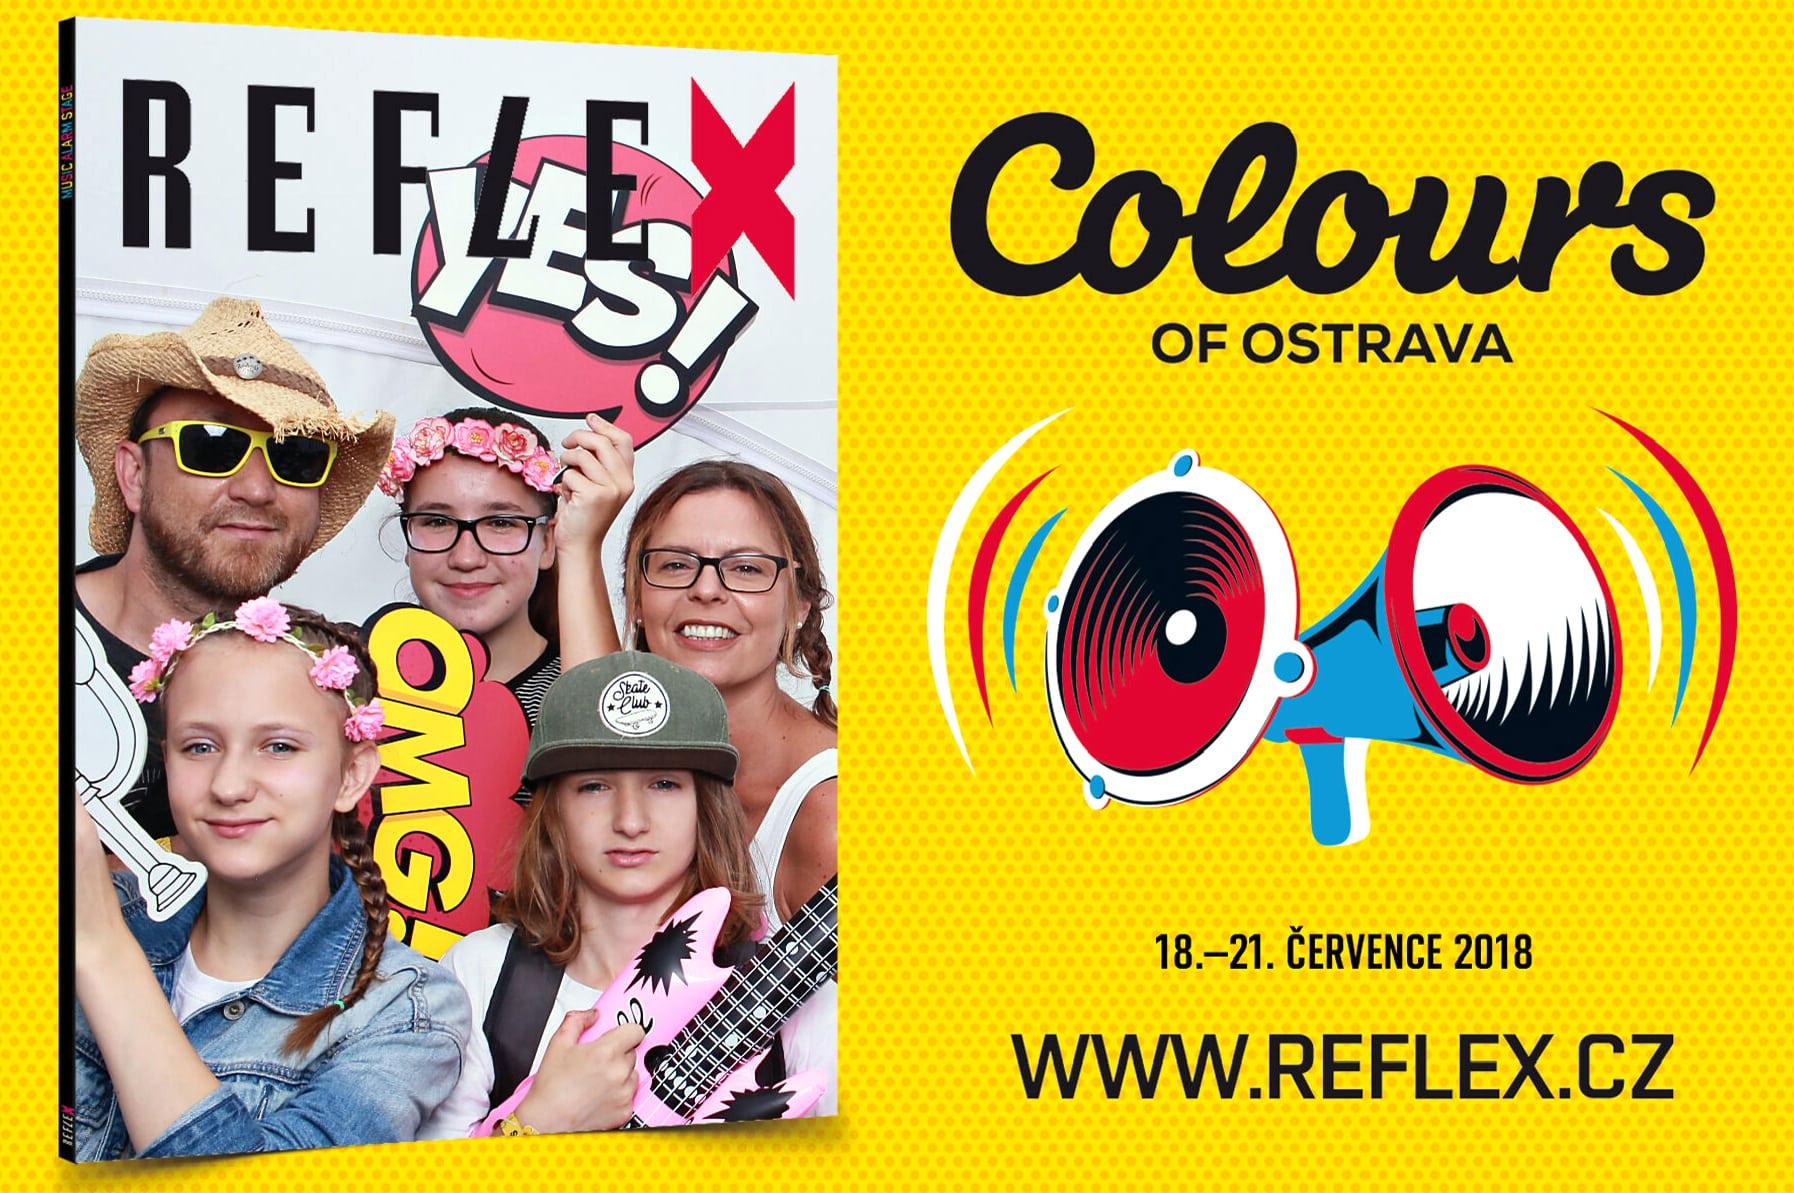 fotokoutek-festival-ostrava-reflex-colours-of-ostrava-20-7-2018-462915